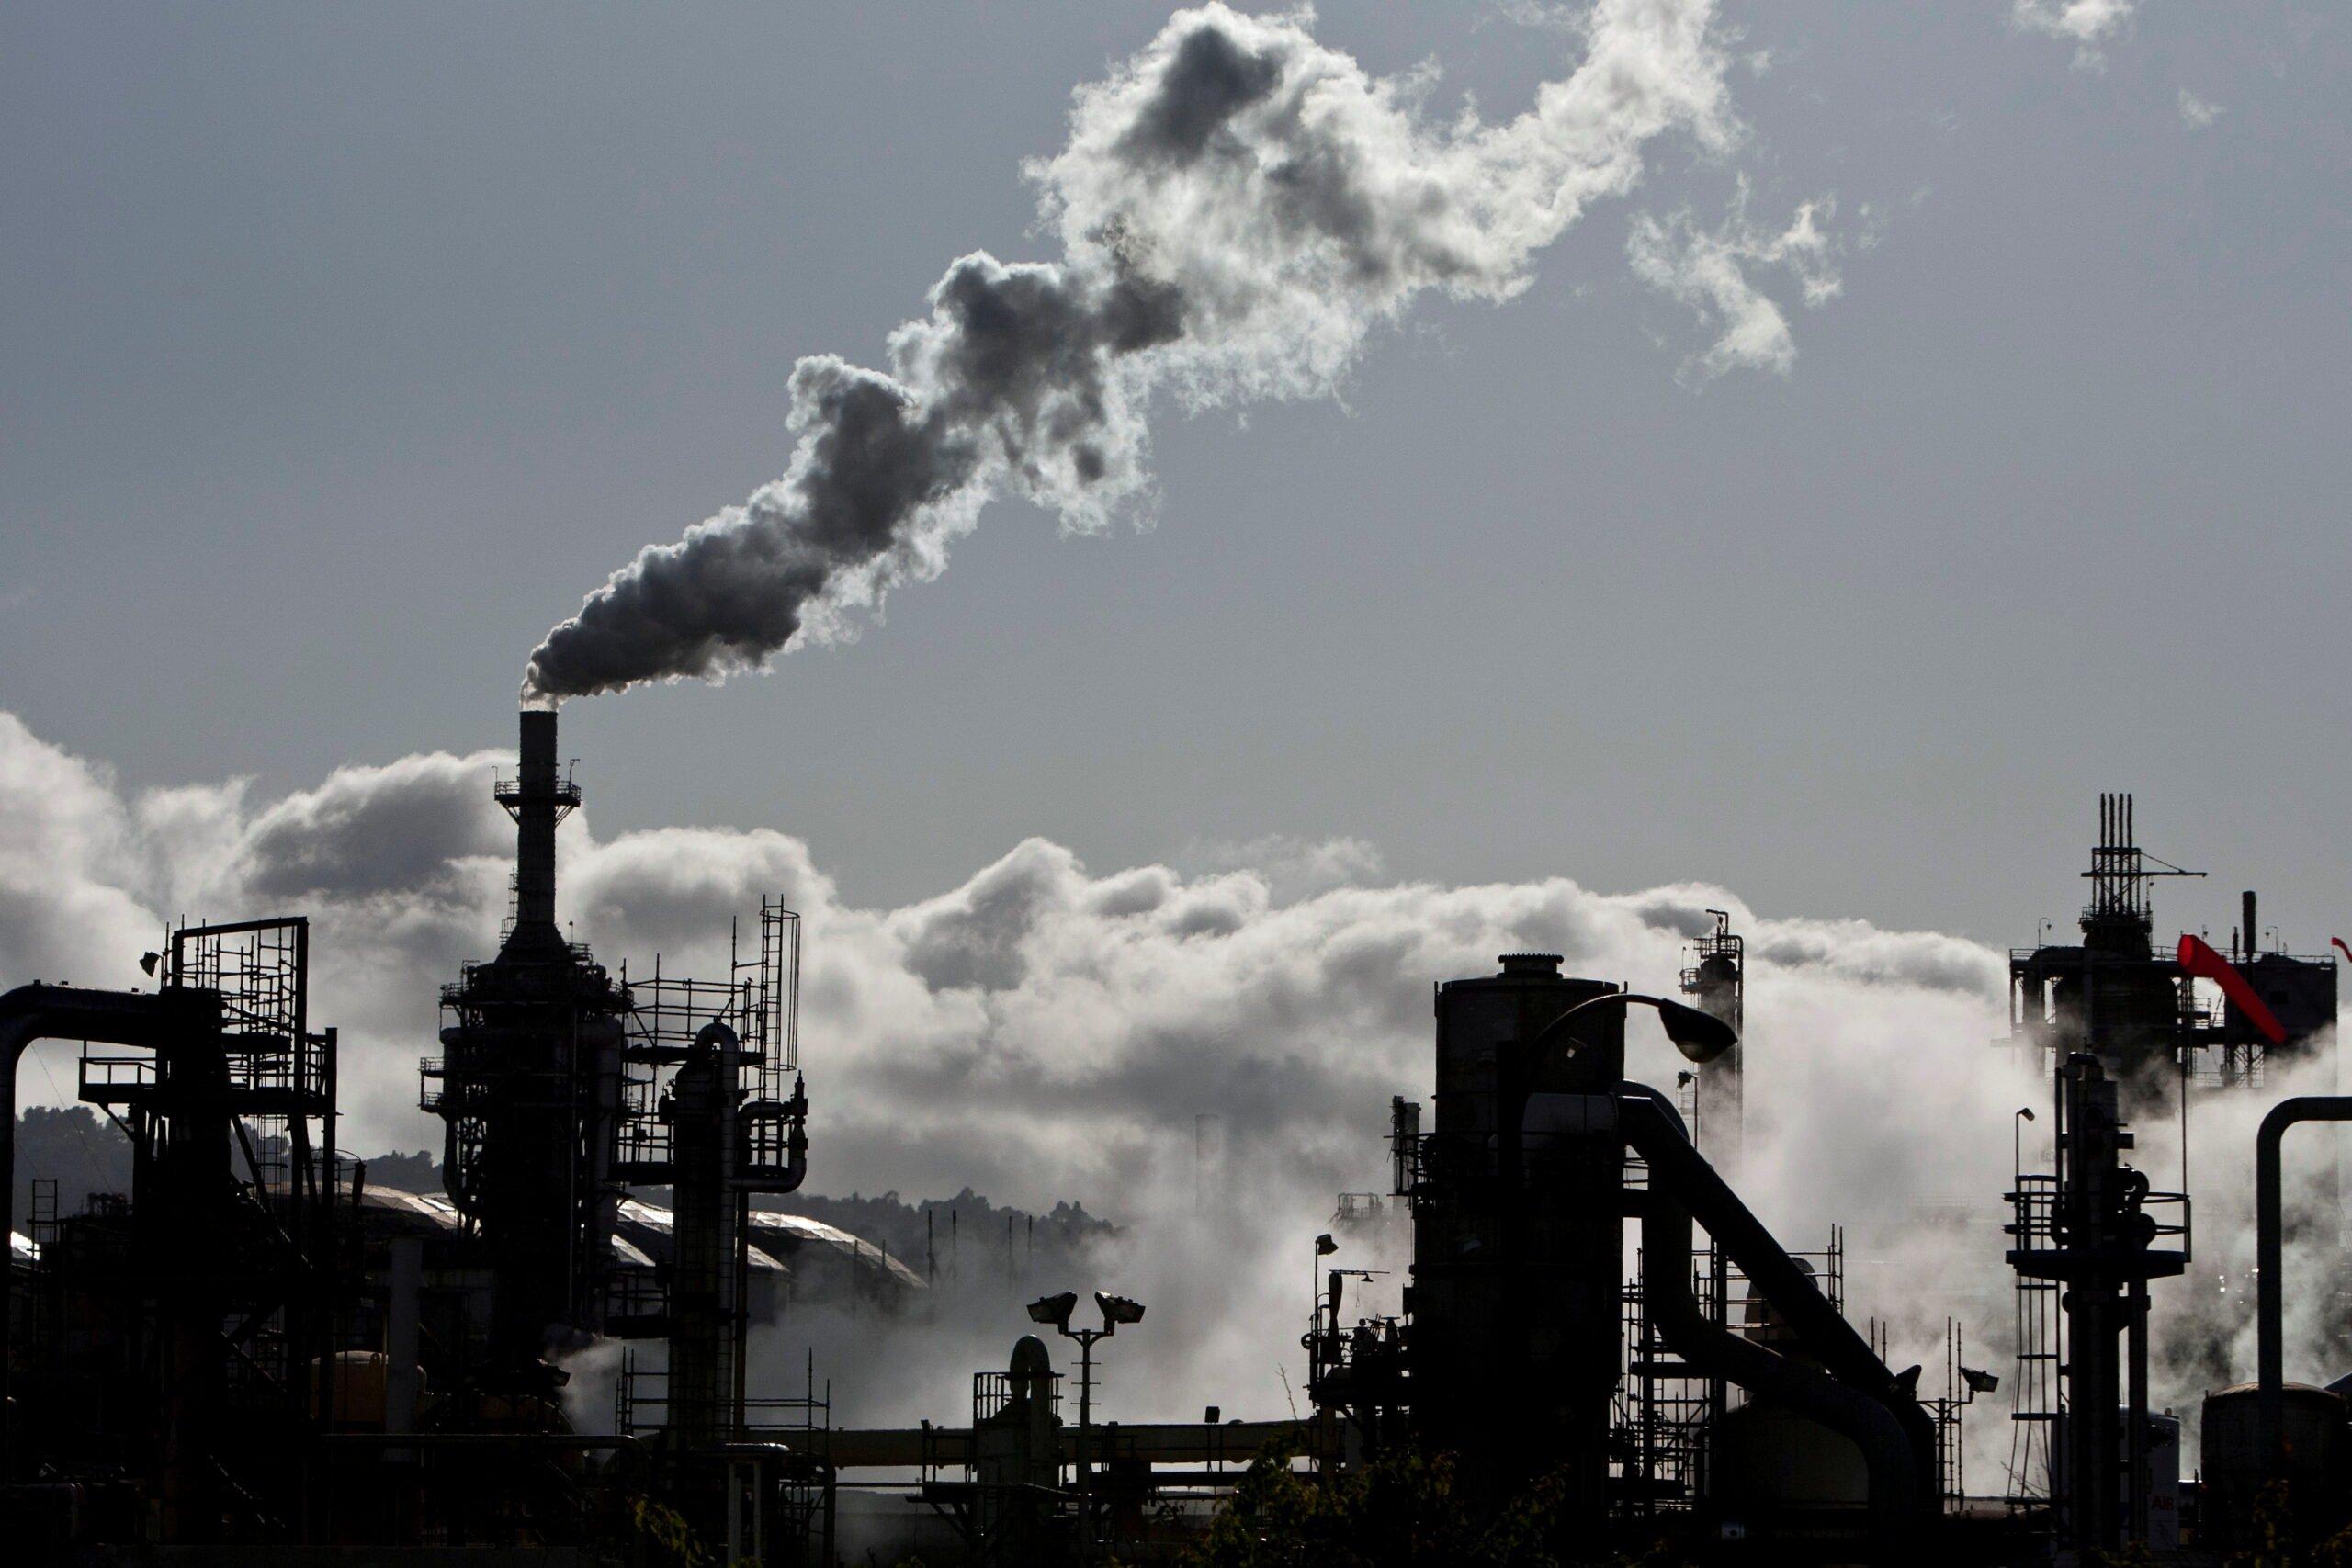 Οι ΗΠΑ πρέπει να μειώσουν κατά το ήμισυ τις εκπομπές για να ενισχύσουν την παγκόσμια δράση για το κλίμα – επικεφαλής του ΟΗΕ